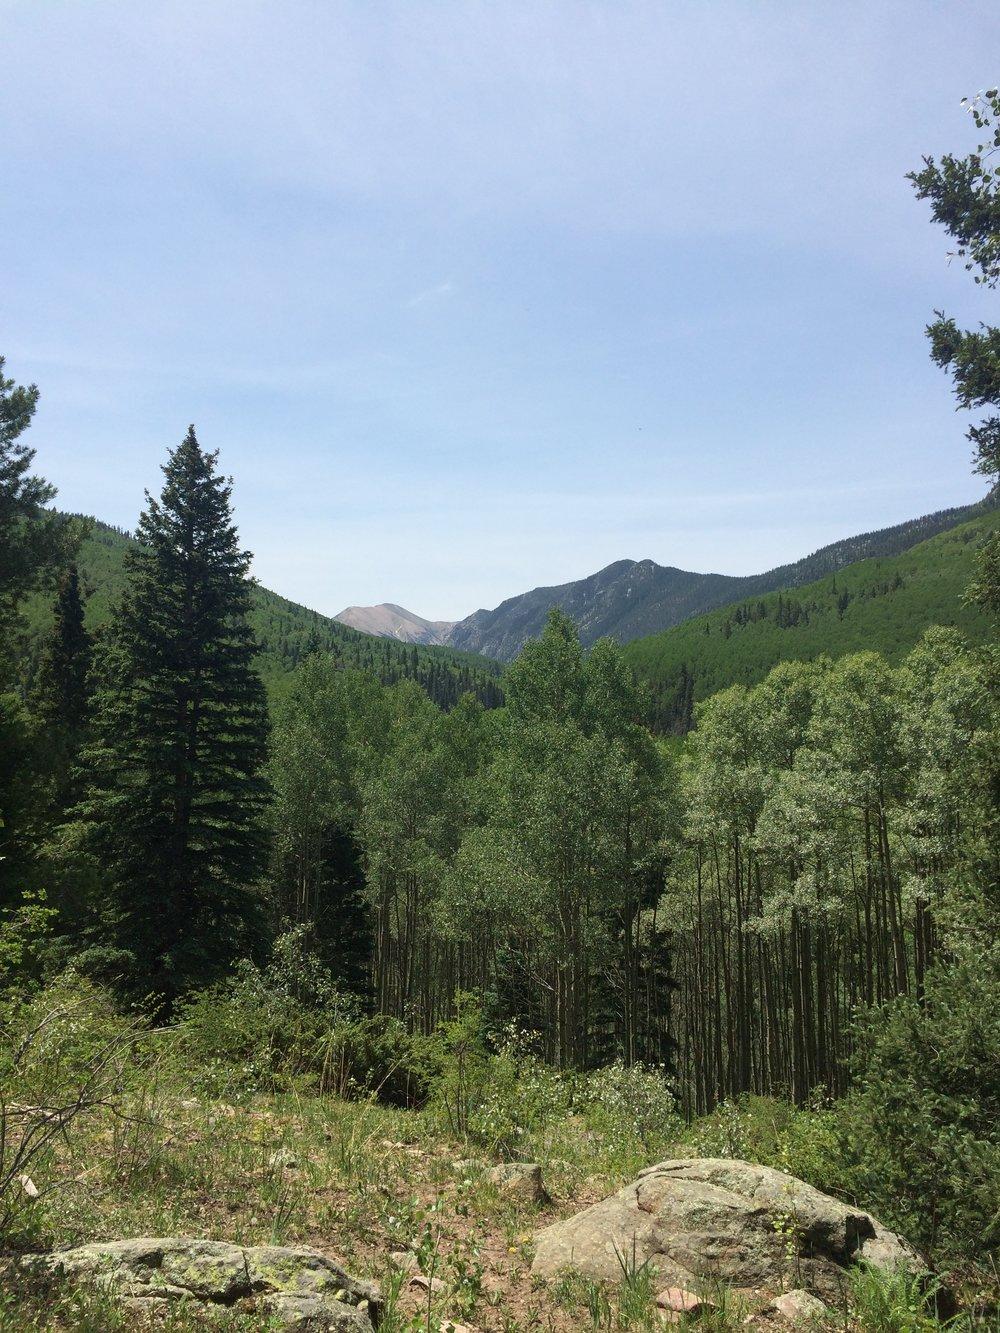 truchas peak 13,102 - Pecos Wilderness, New Mexico